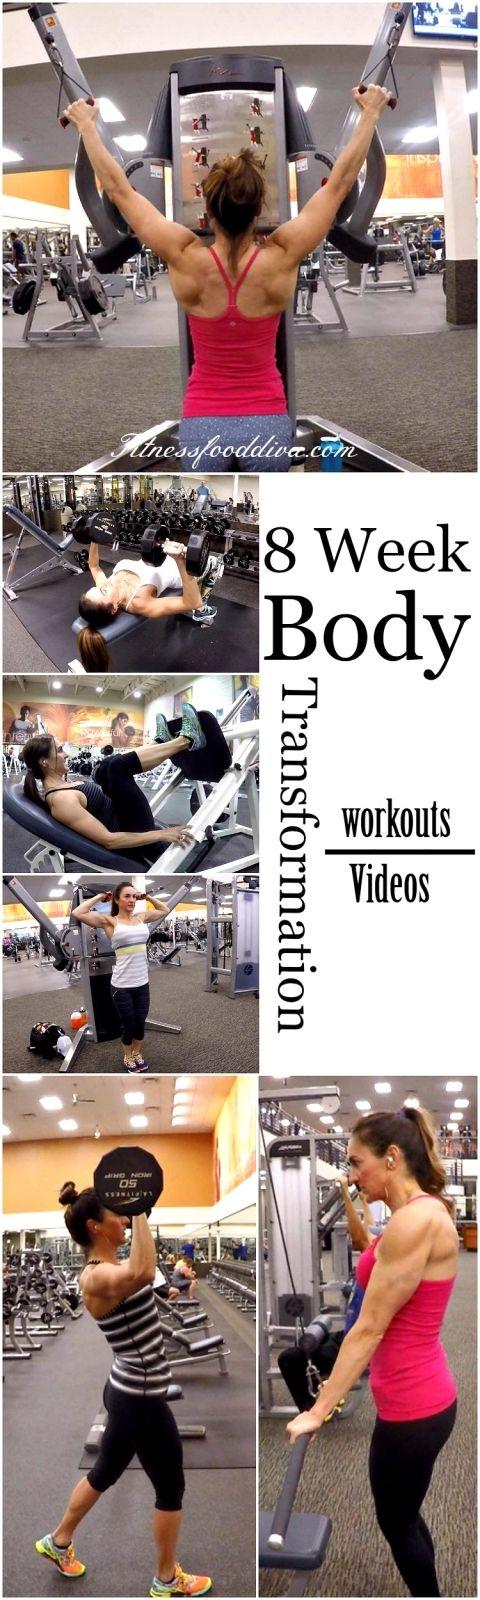 8_week_body_program